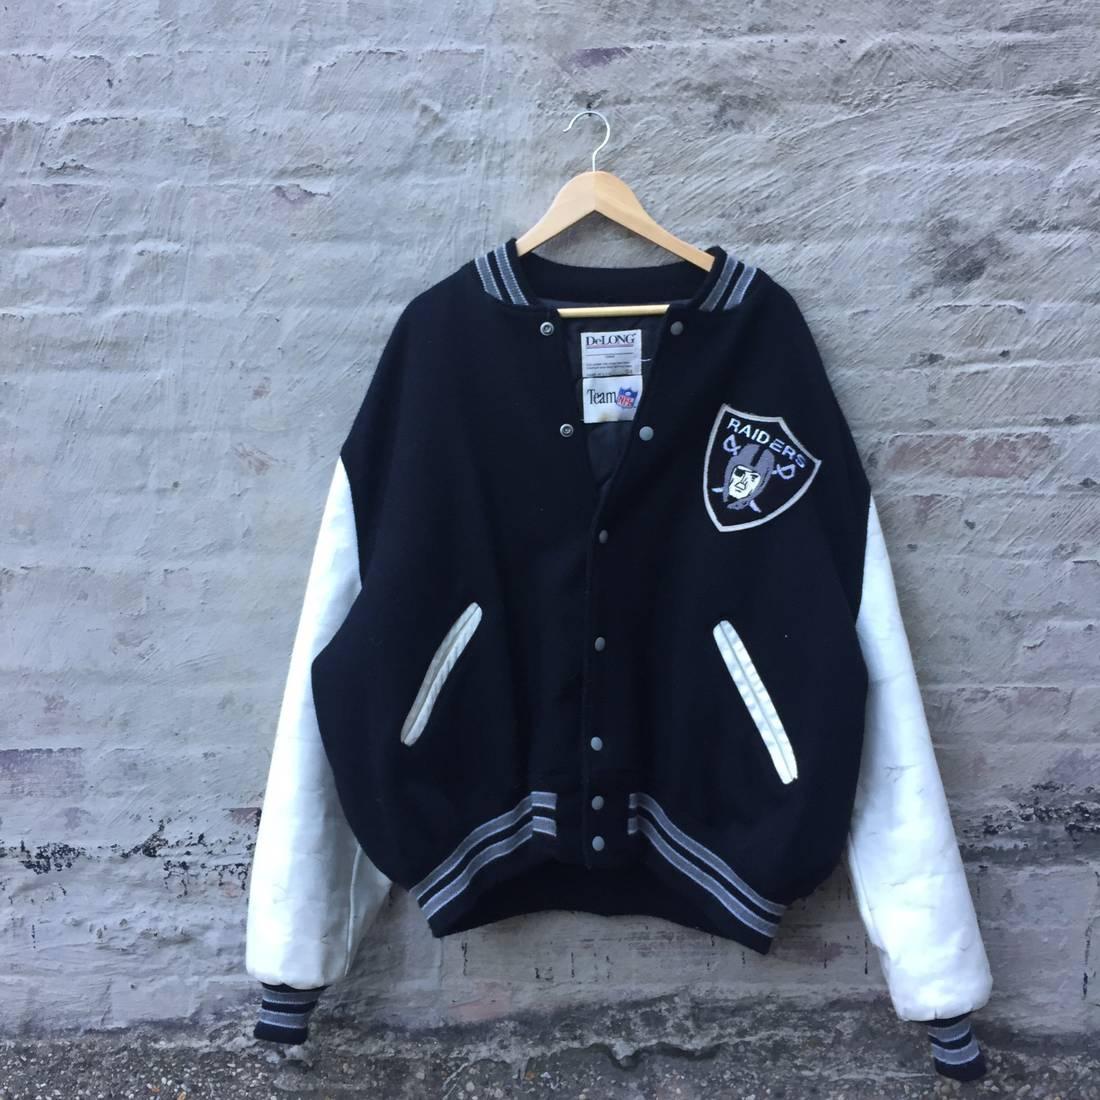 sale retailer 0e06d 7cec7 Nfl Jackets Canada